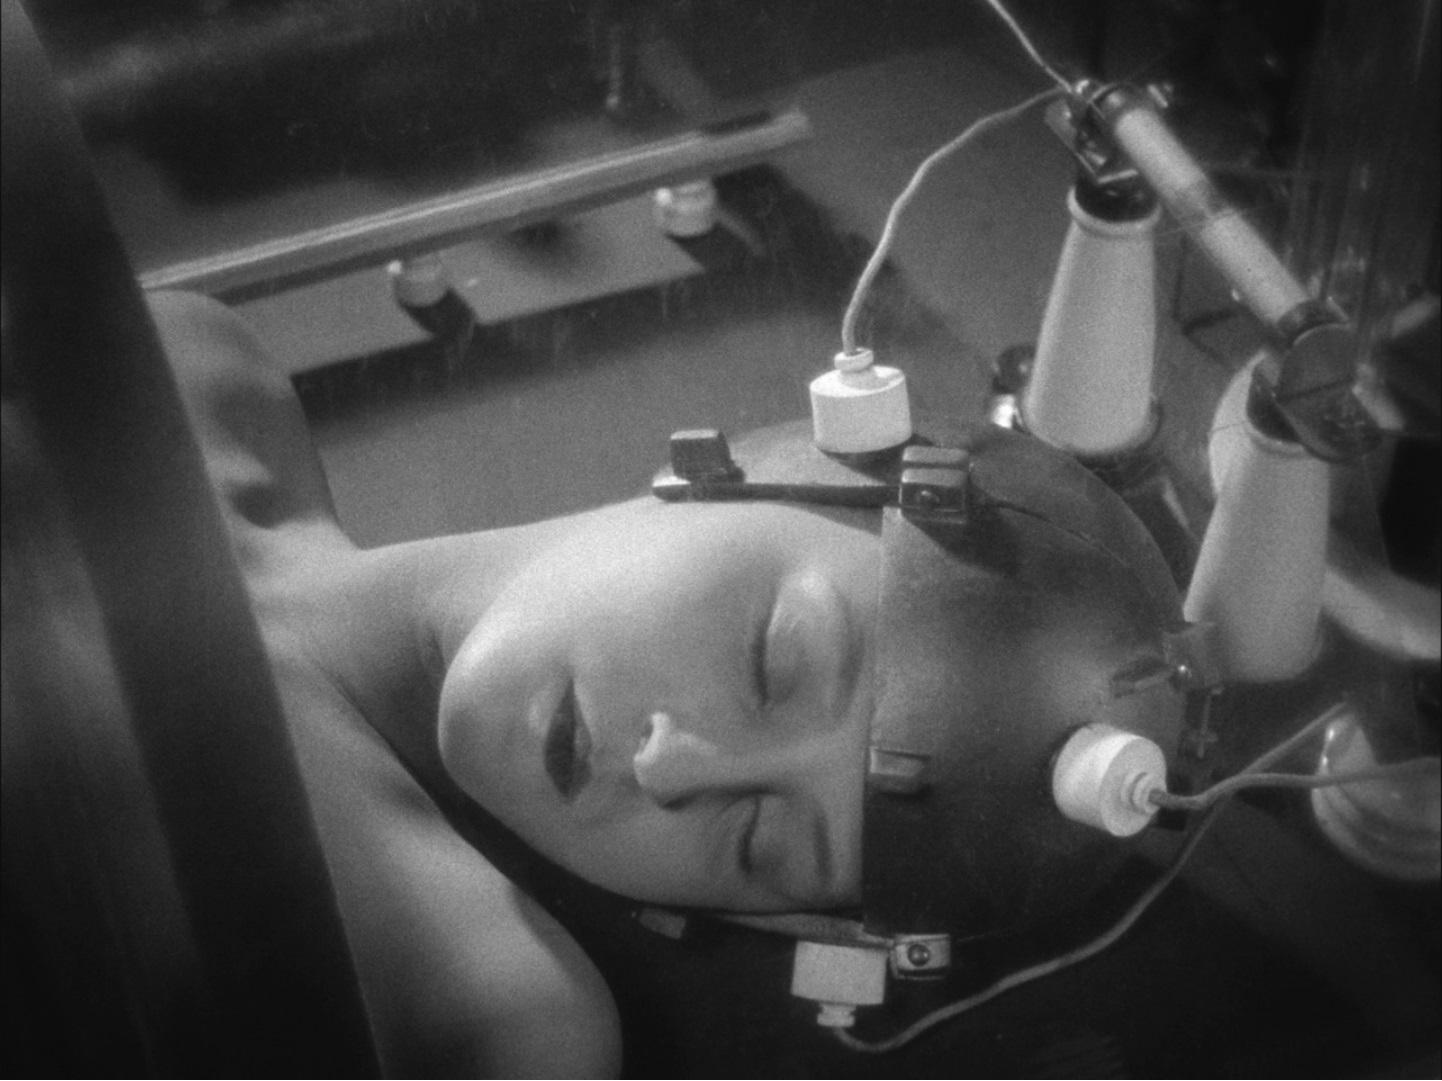 #经典看电影#豆瓣8.9分,一部资深影迷不可错过的科幻片!现代科幻电影鼻祖